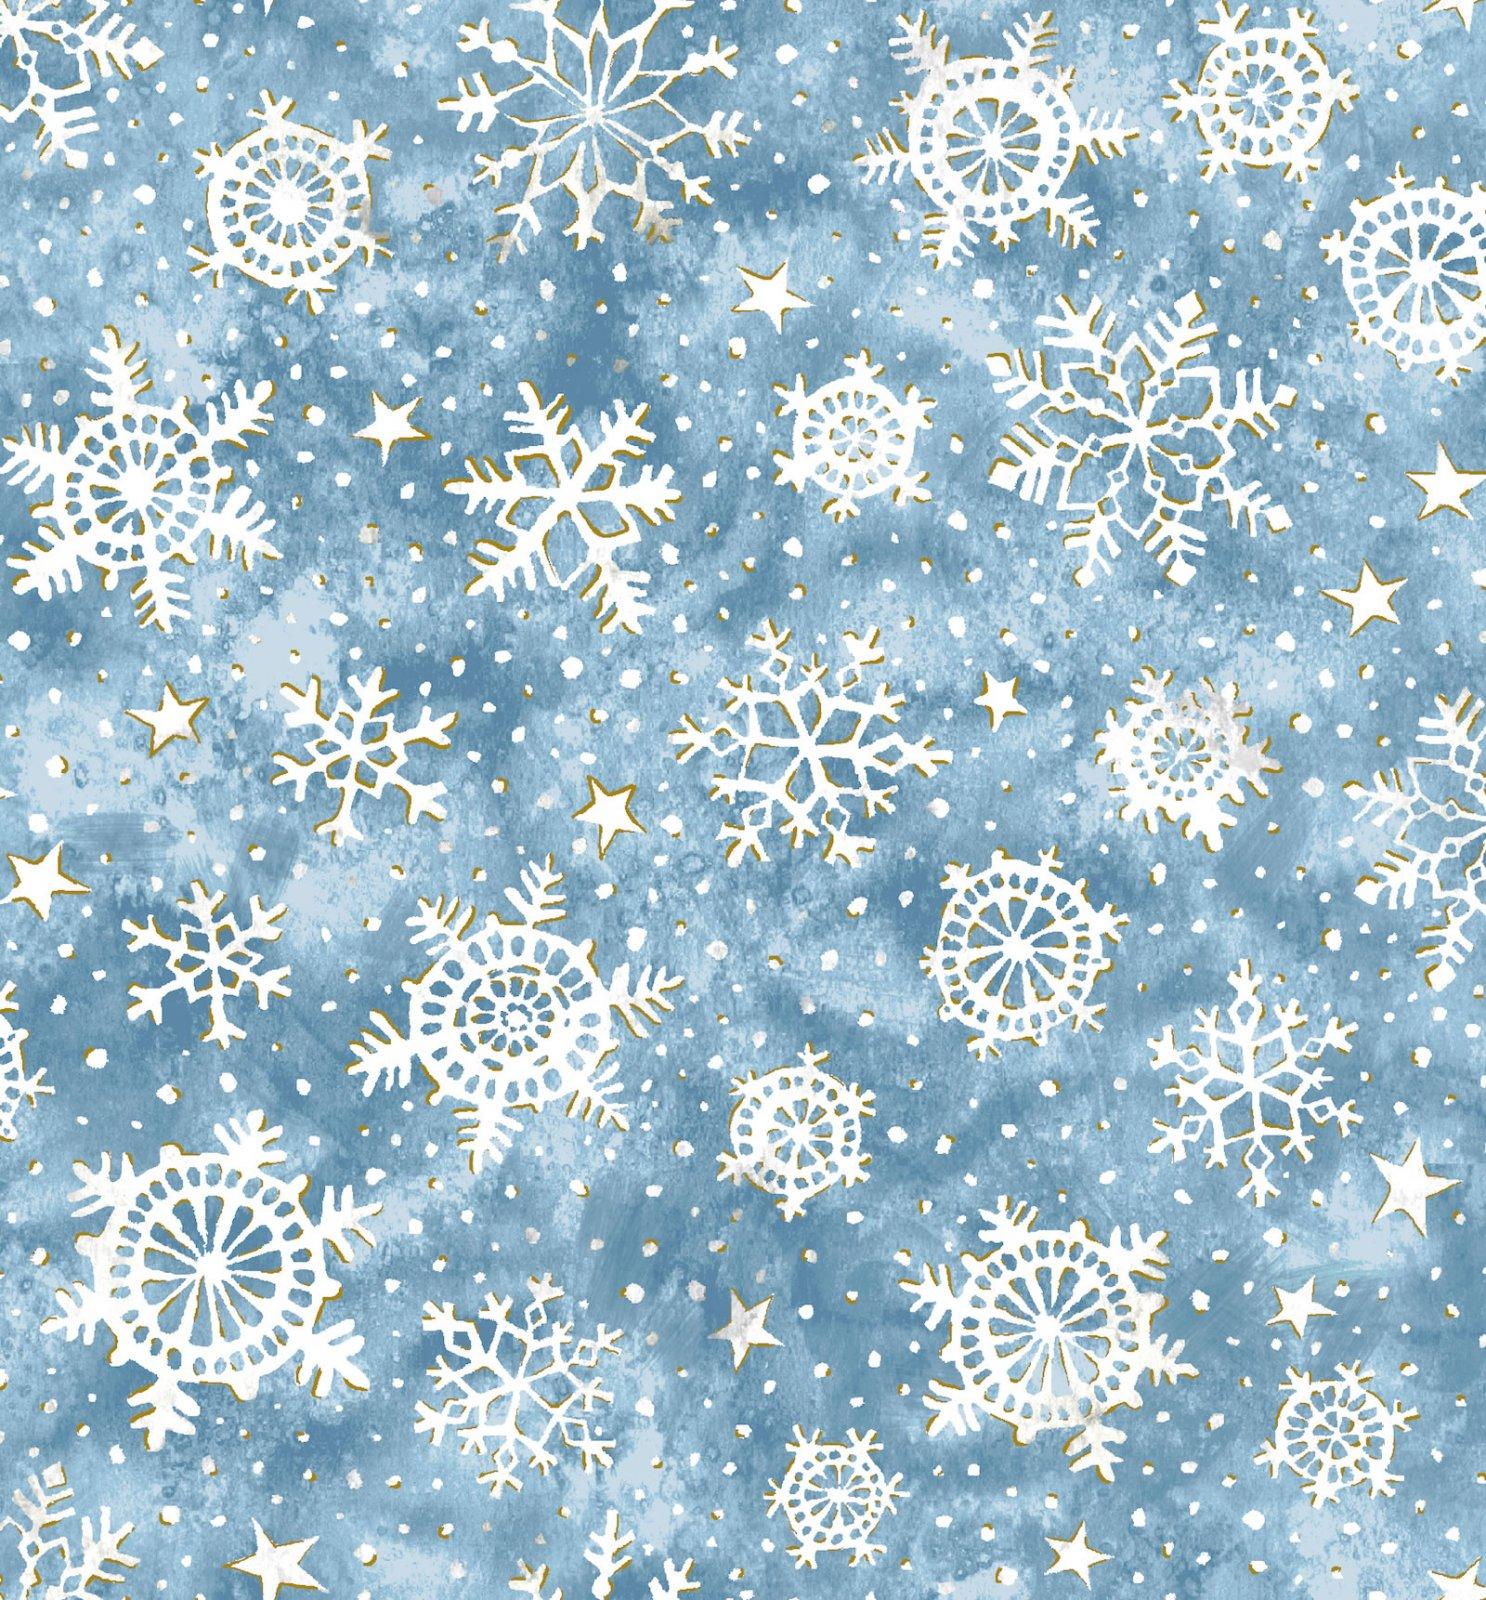 Noel Snowflakes - Blue